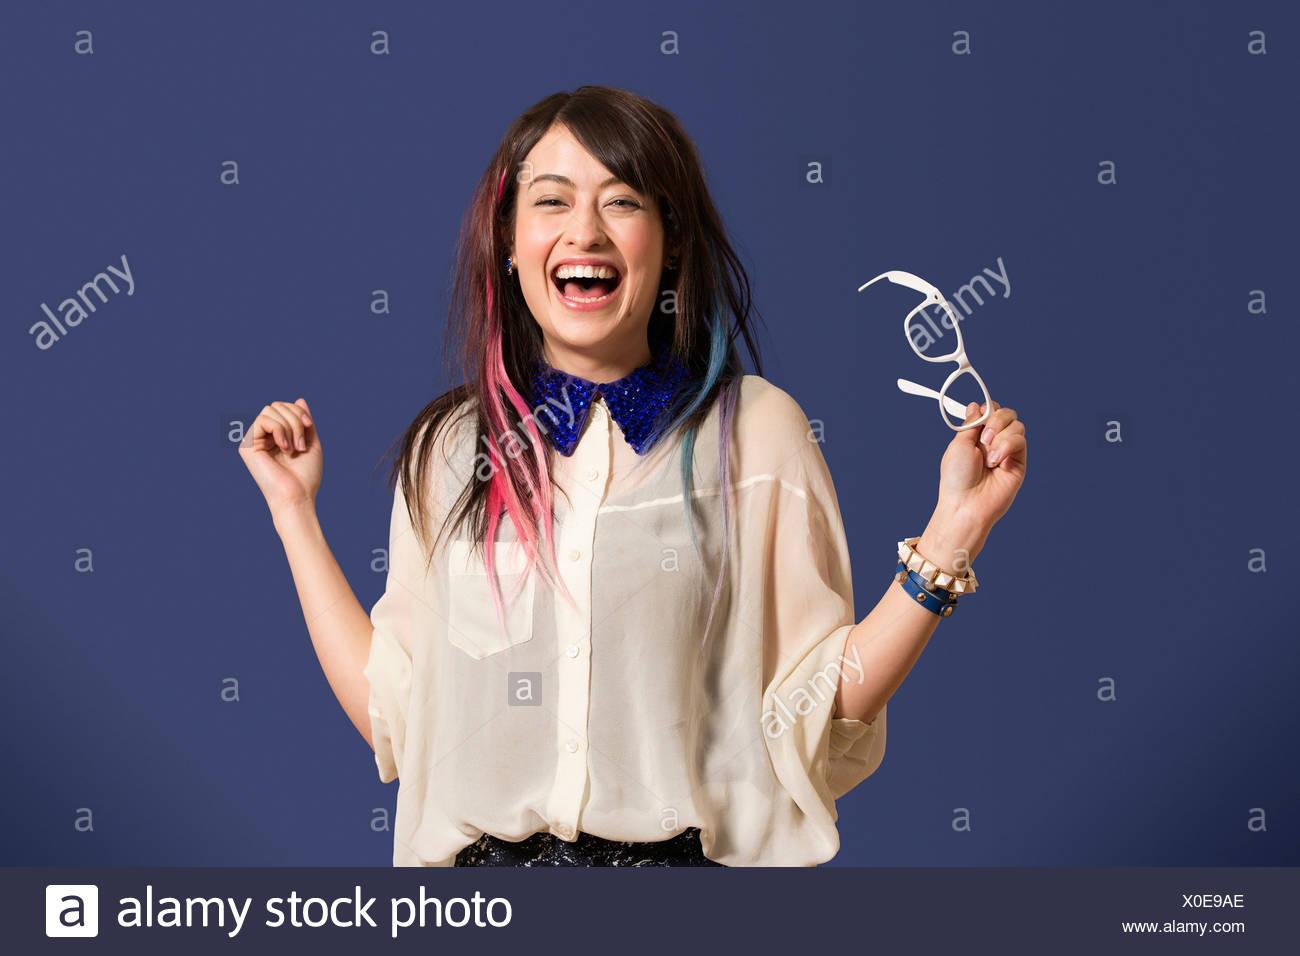 Ritratto di giovane donna con capelli tinti azienda bicchieri Immagini Stock